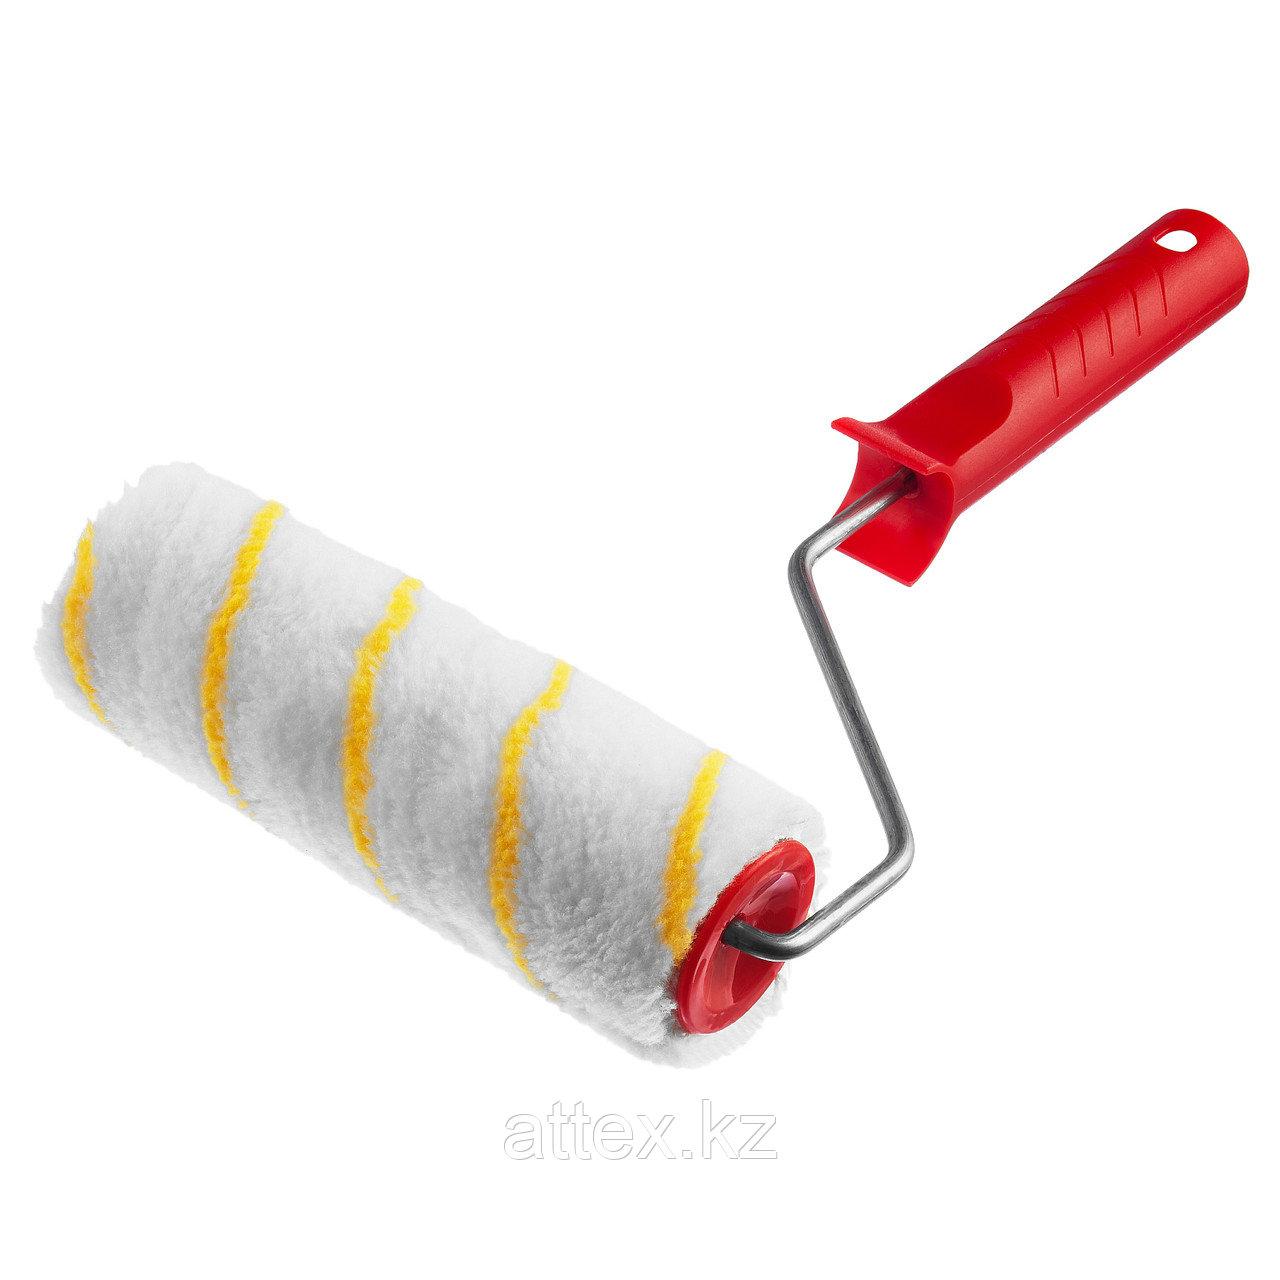 Валик малярный POLYTEX, 180 мм, d=40 мм, ворс 12 мм, ручка d=6 мм, MIRAX